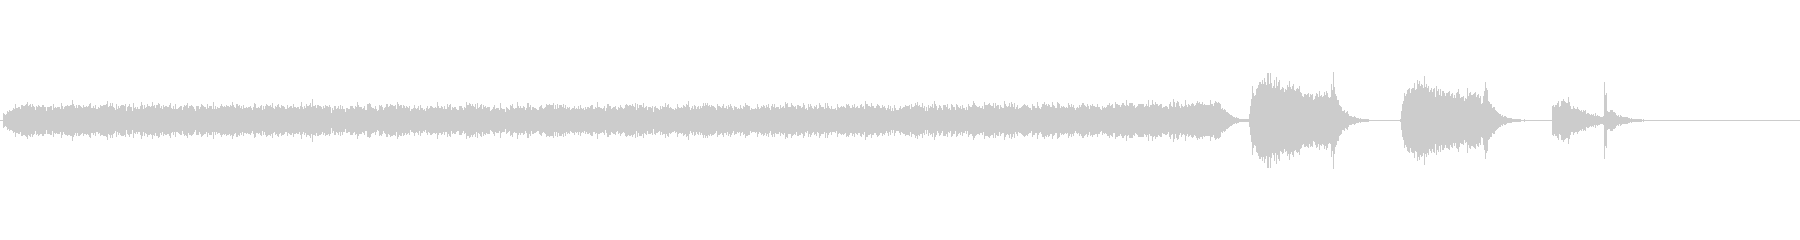 無機質に繰り返すインパクトのある現代音楽の未再生の波形